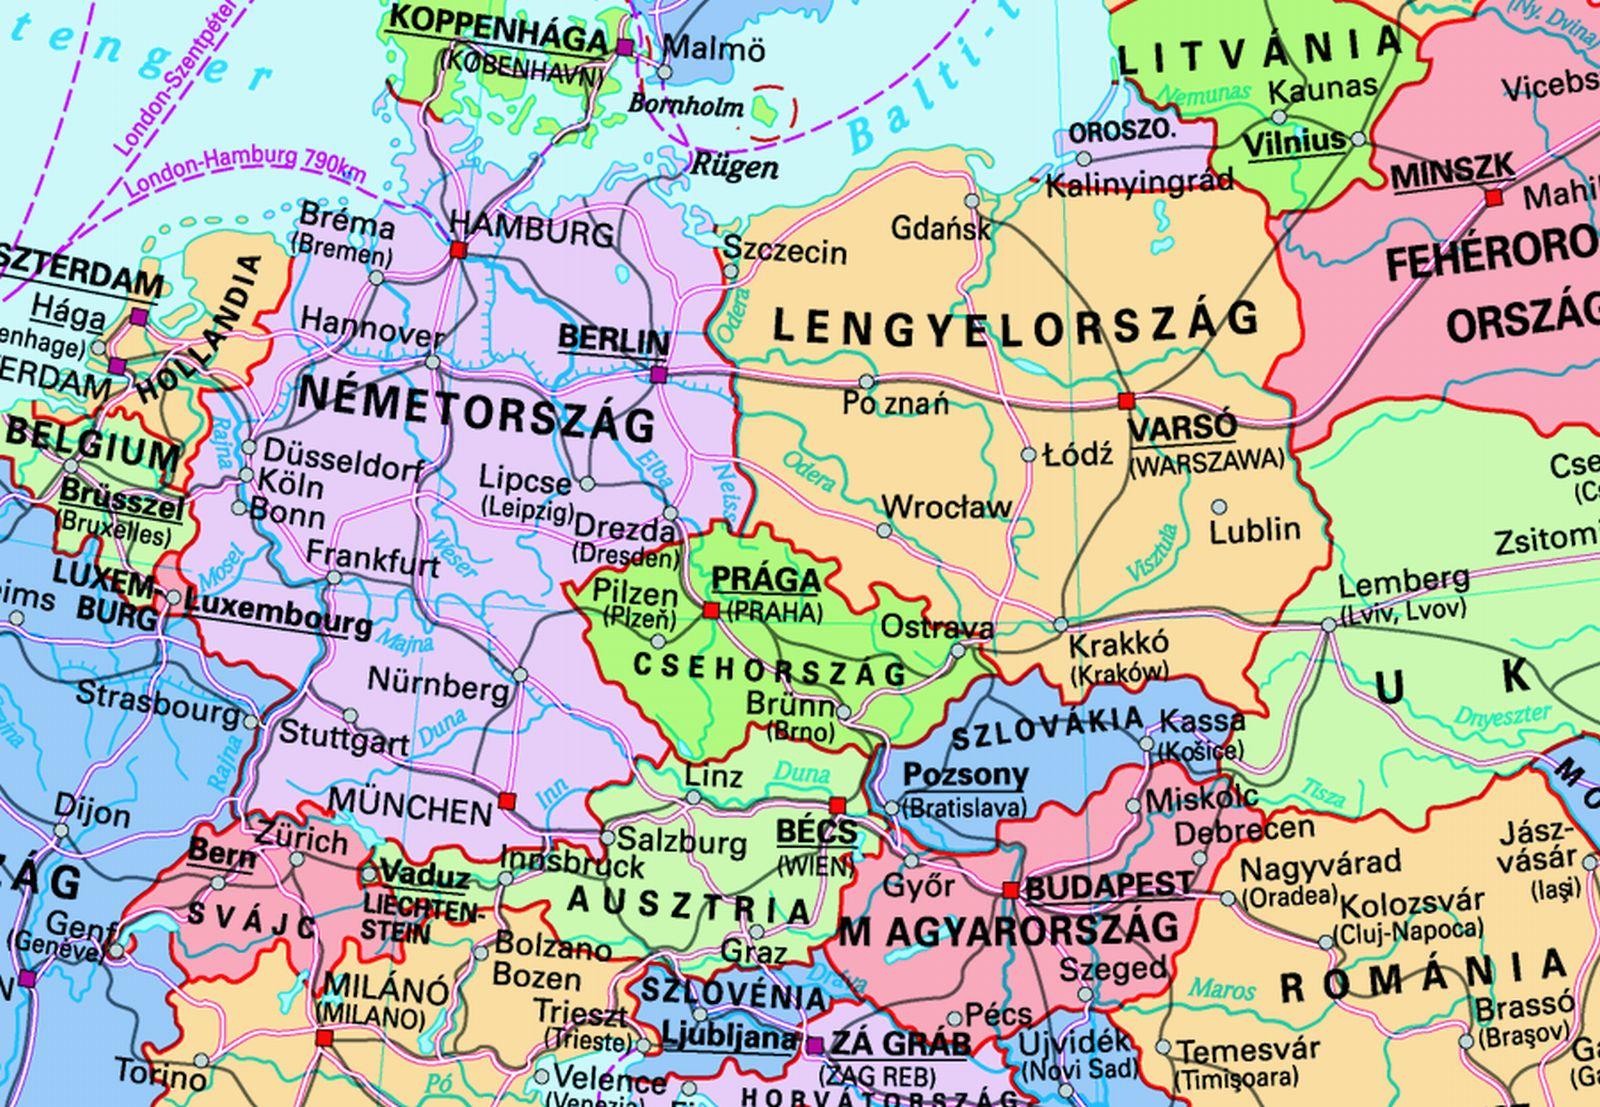 ország térkép magyarország Közlekedési földrajz | SuliTudásbázis ország térkép magyarország